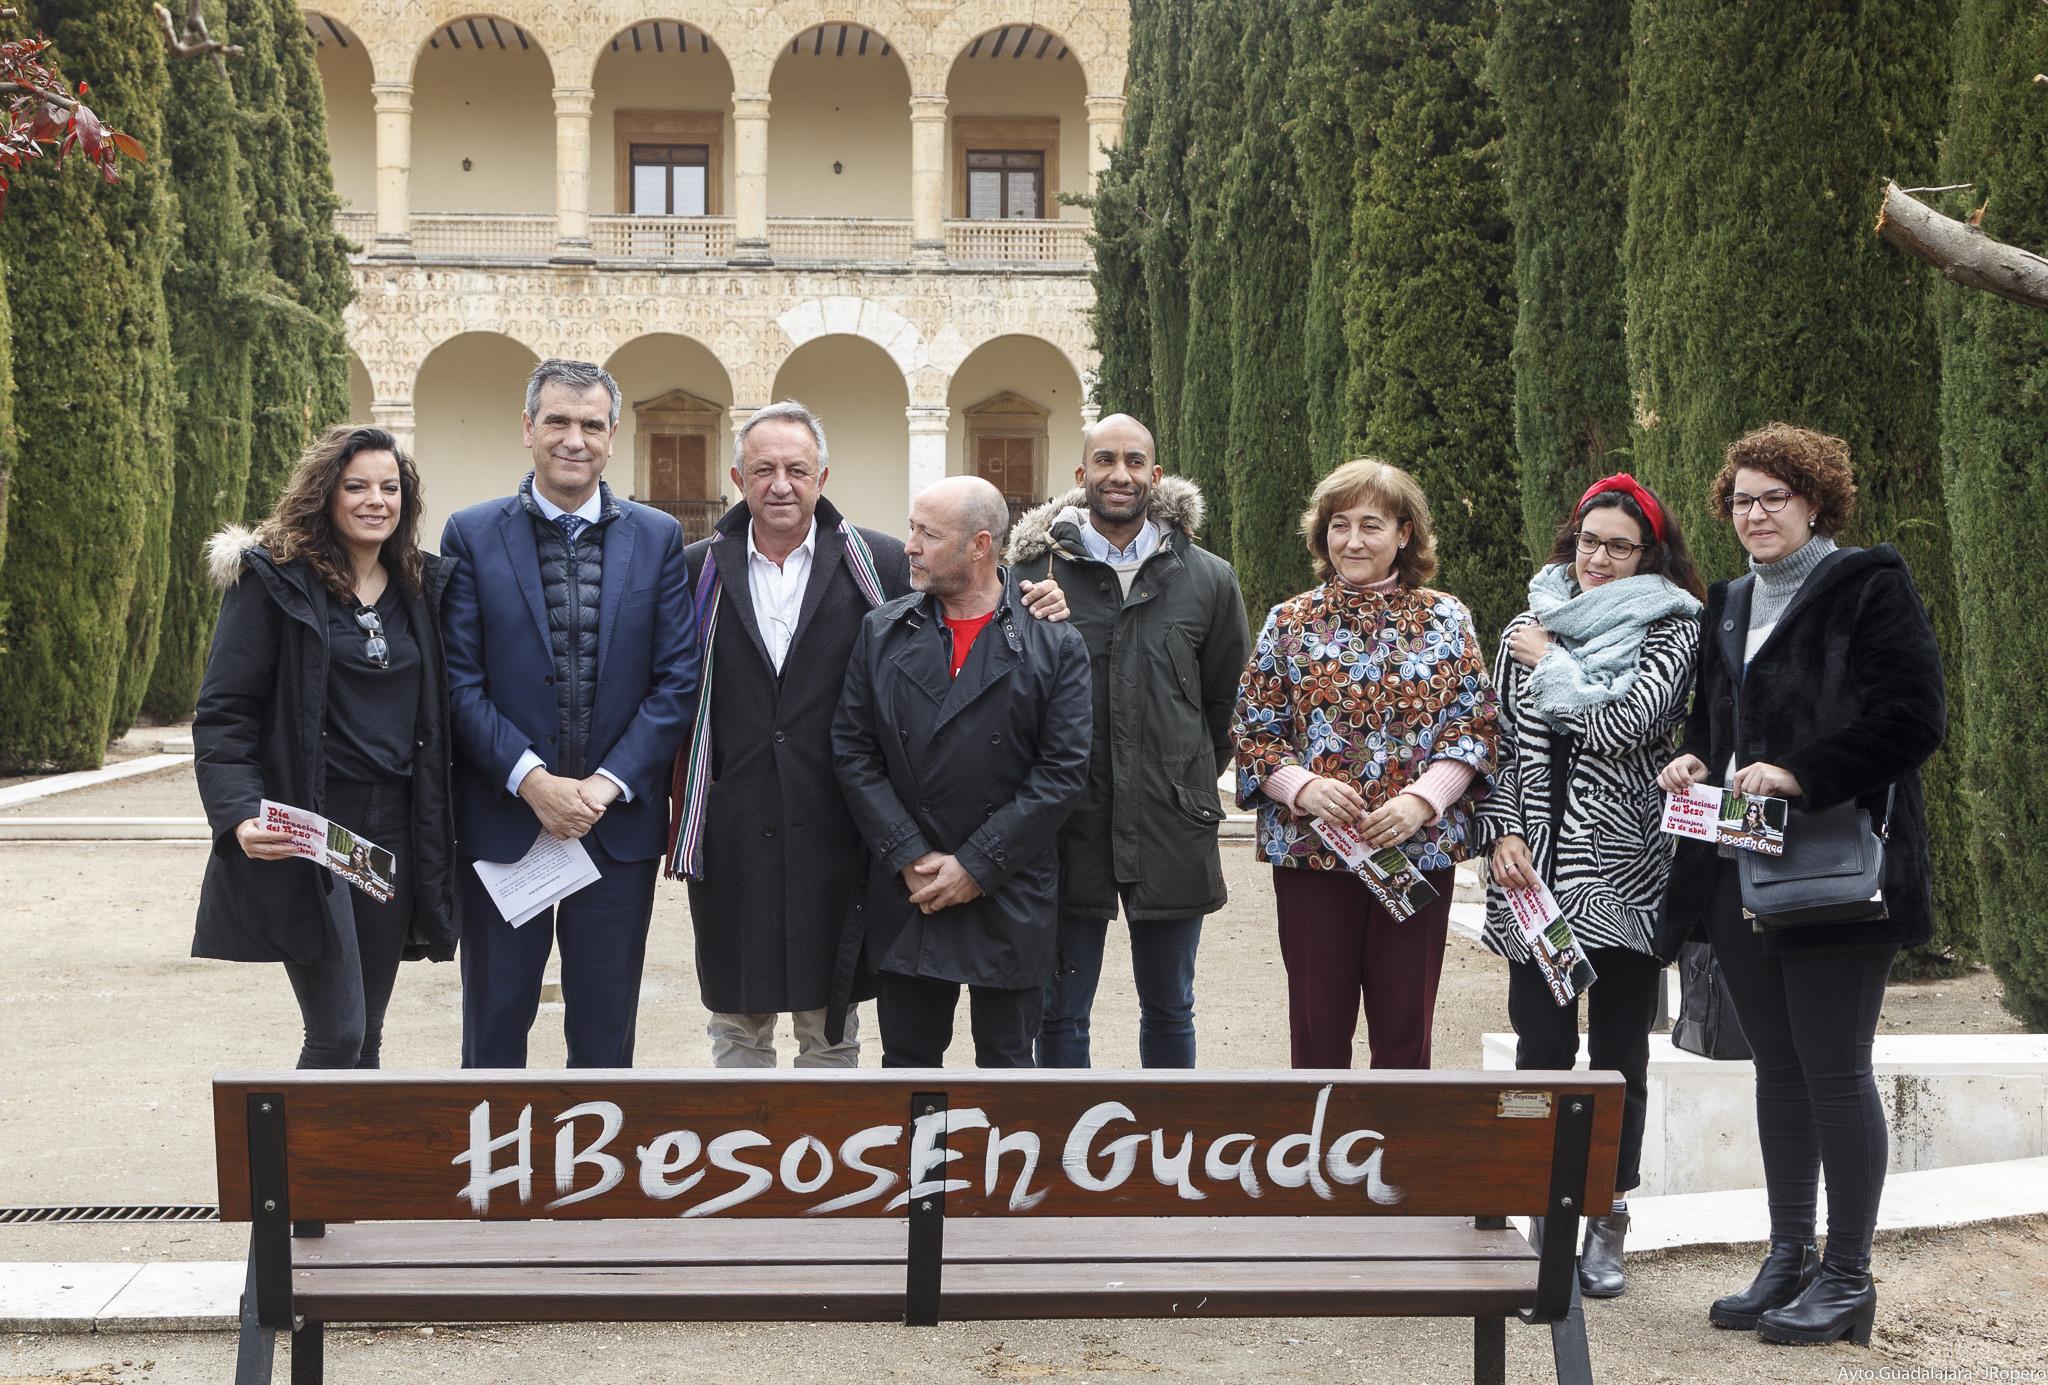 Guadalajara conmemorará el Día Internacional del Beso con una original iniciativa